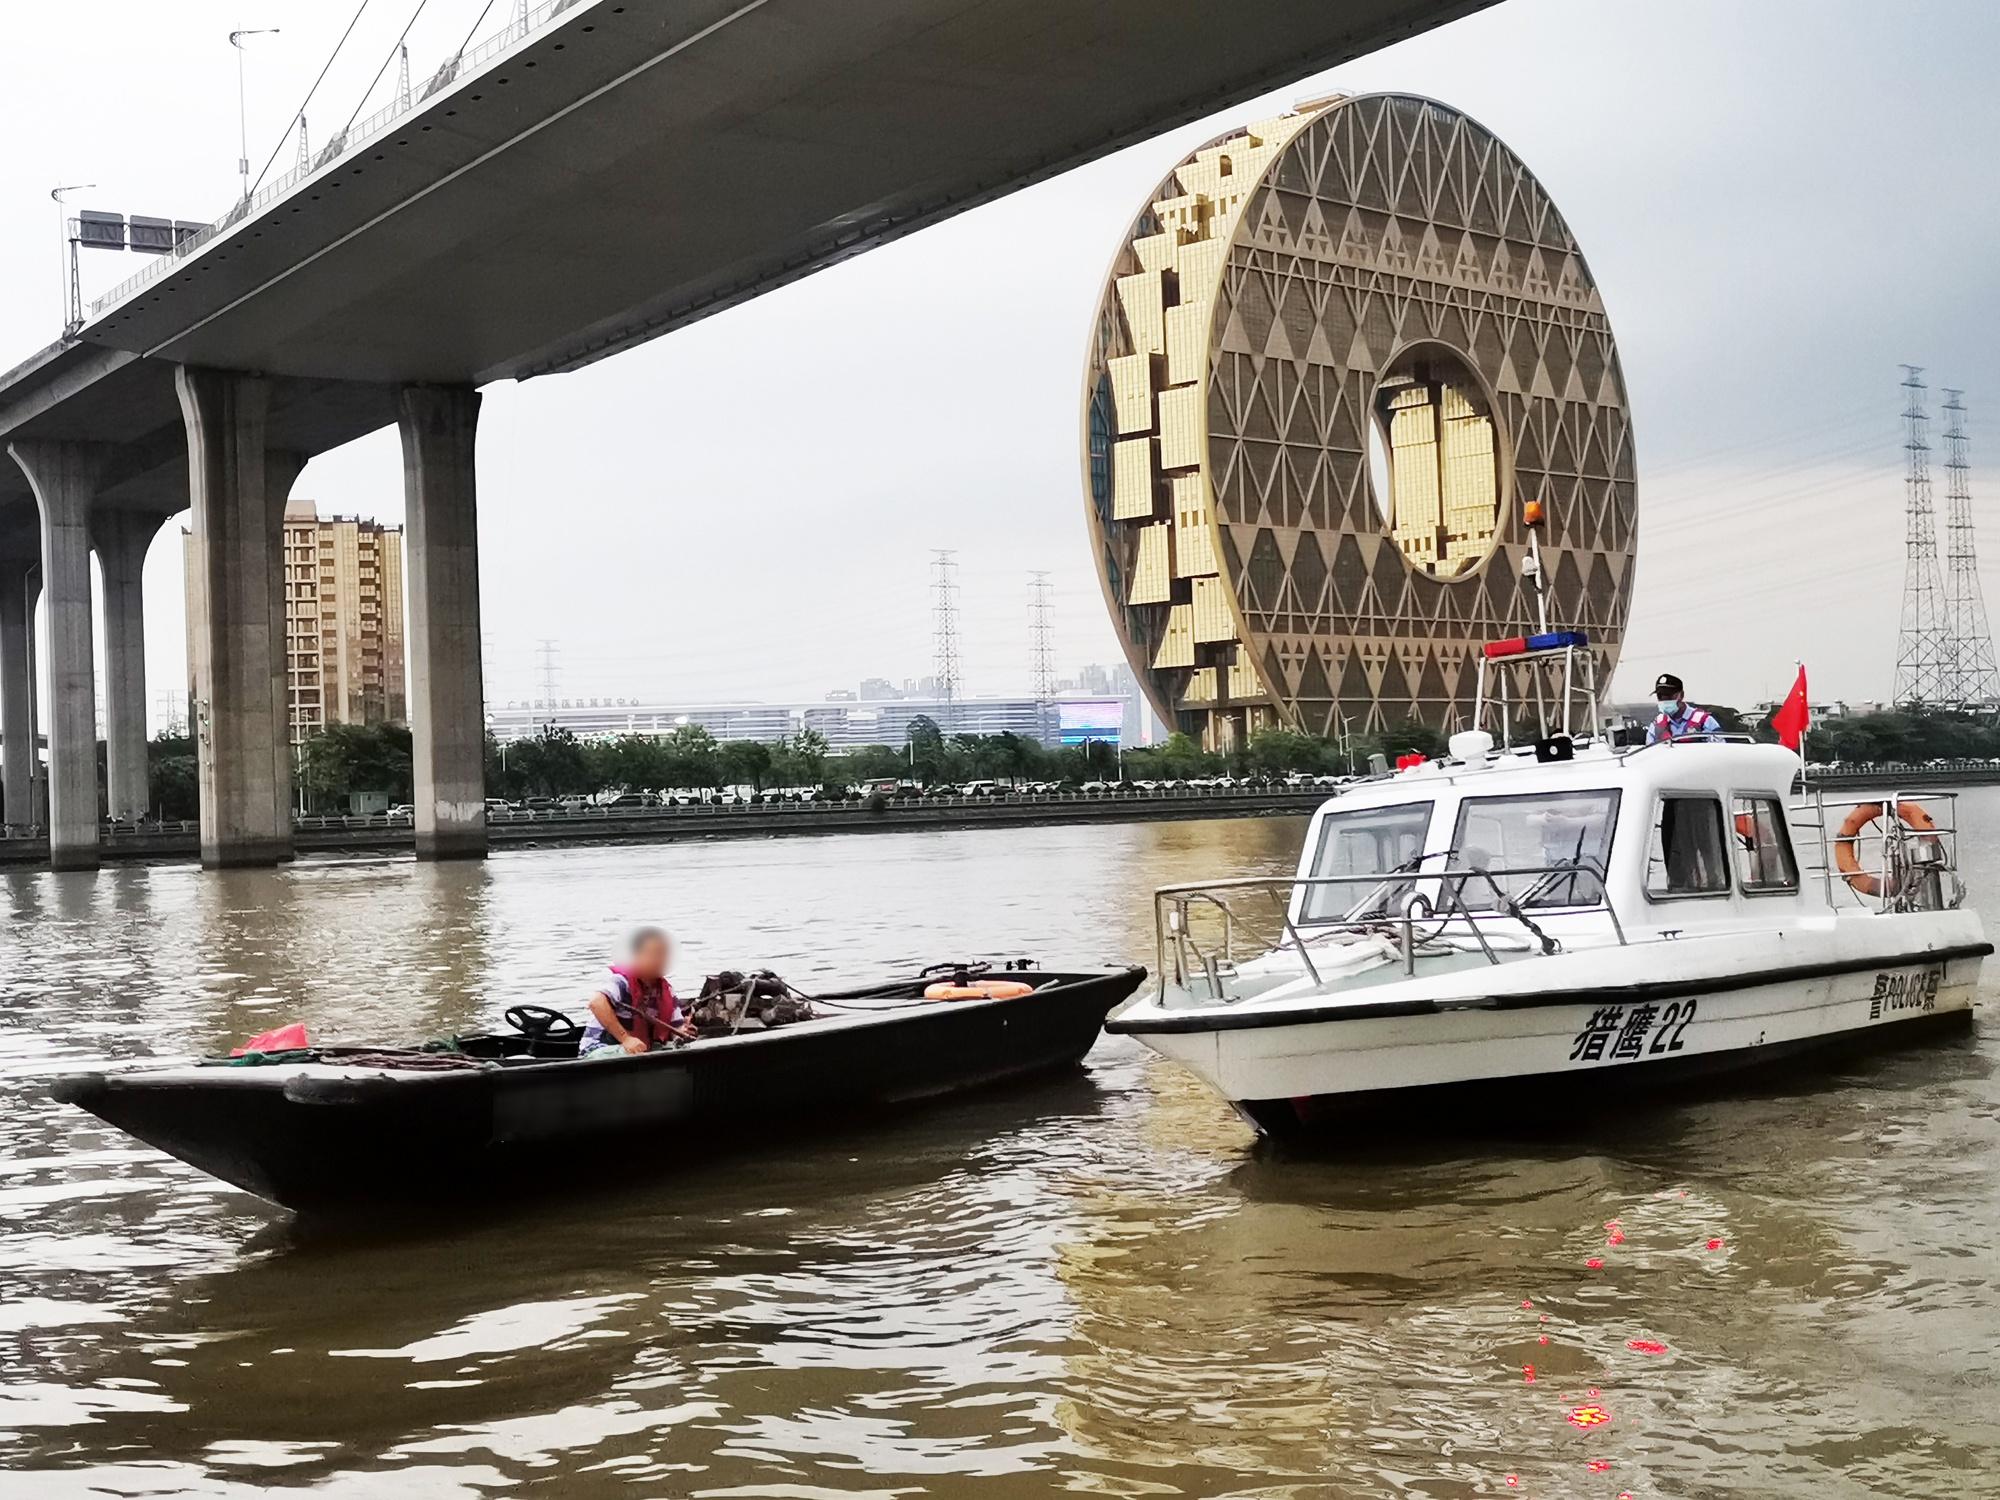 端午假期,广东刑事治安警情同比降10.26%,道路交通事故数同比降55.36%